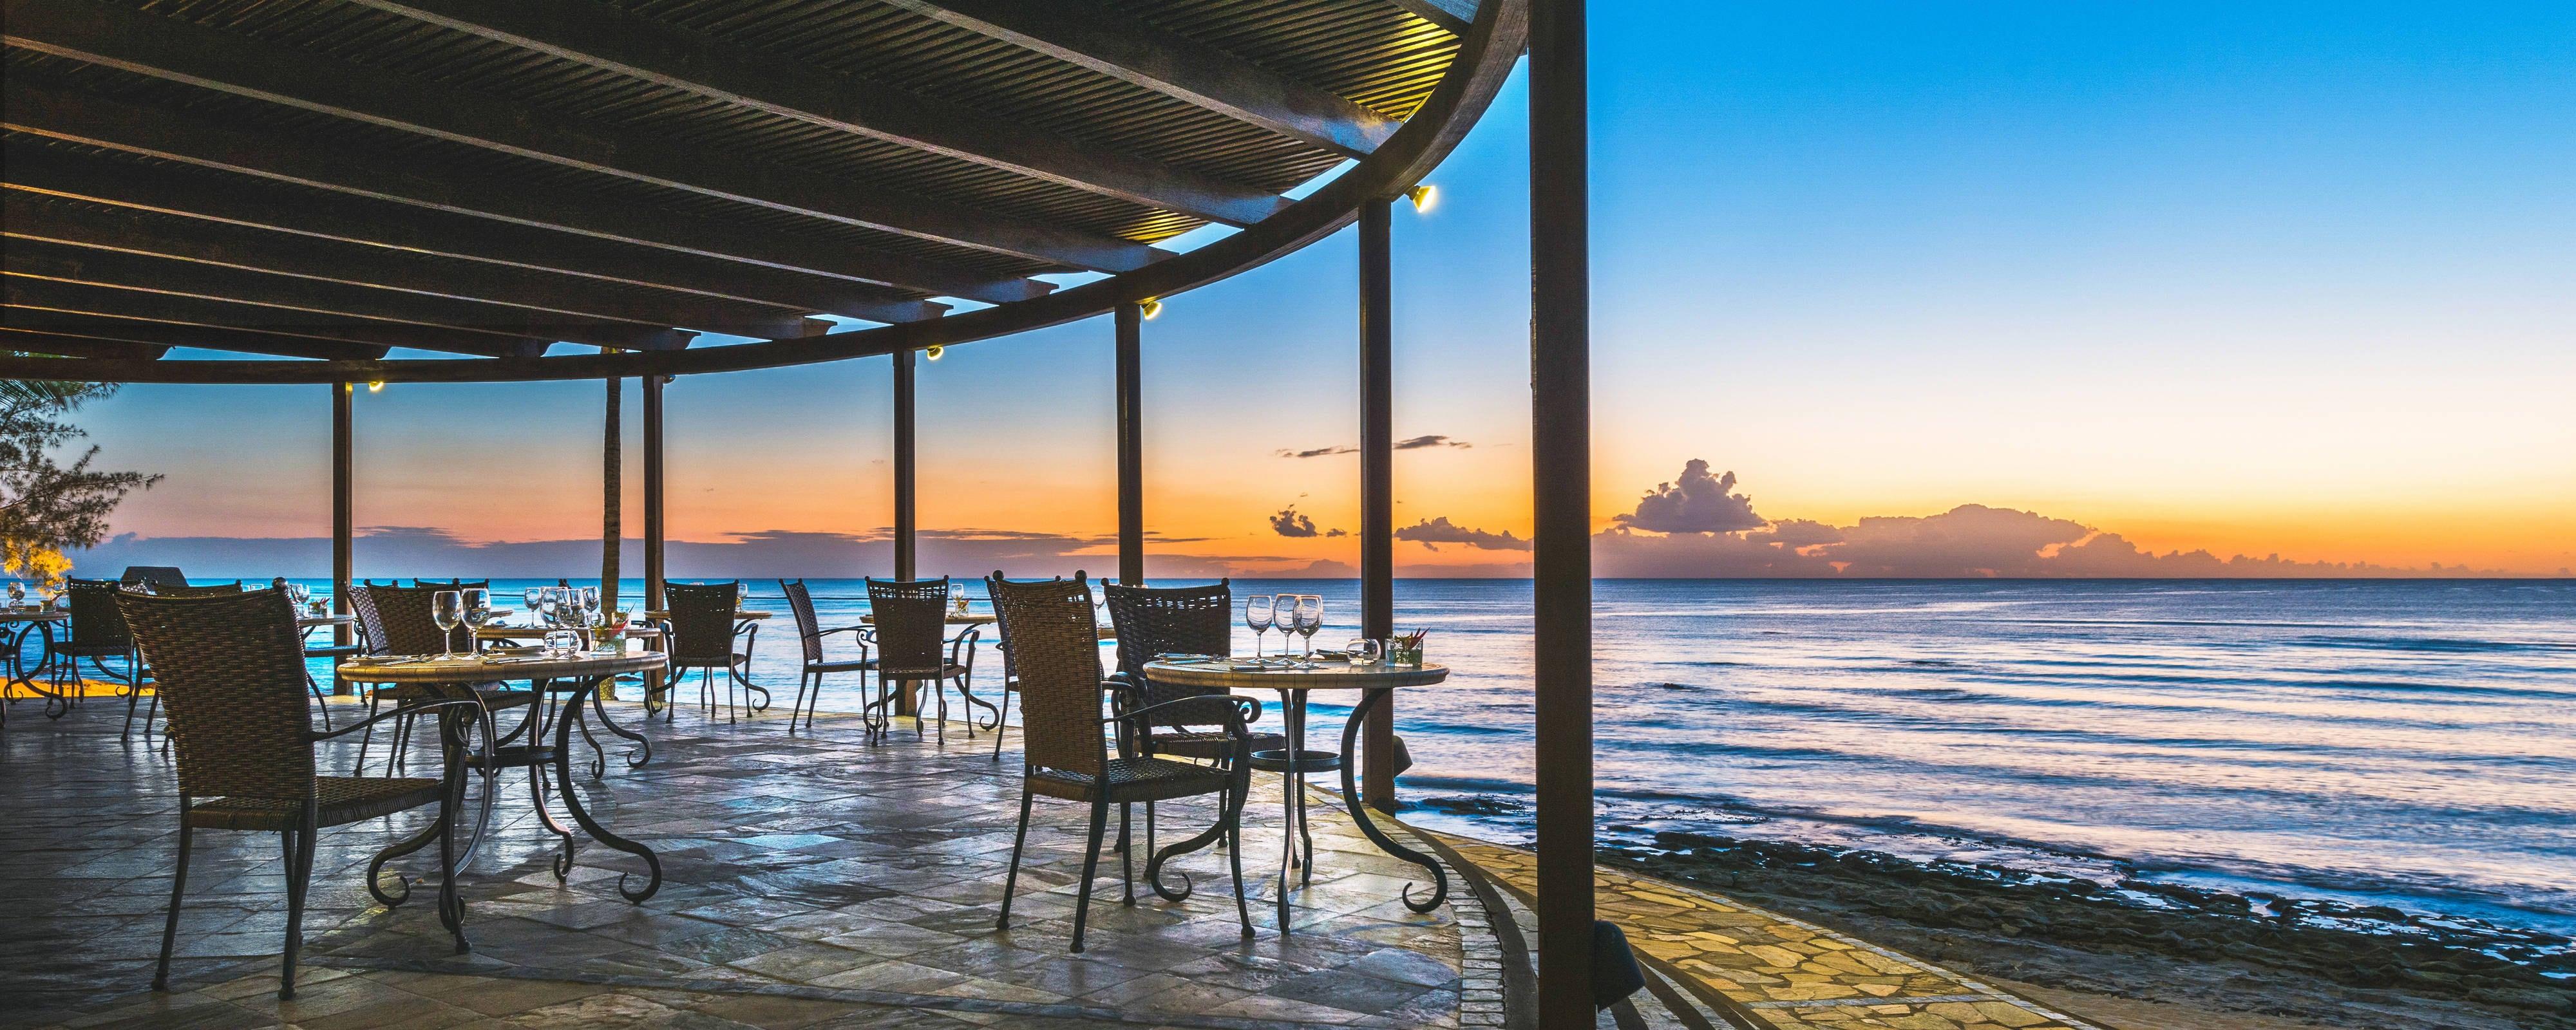 La Faya Terrace with Sunset View